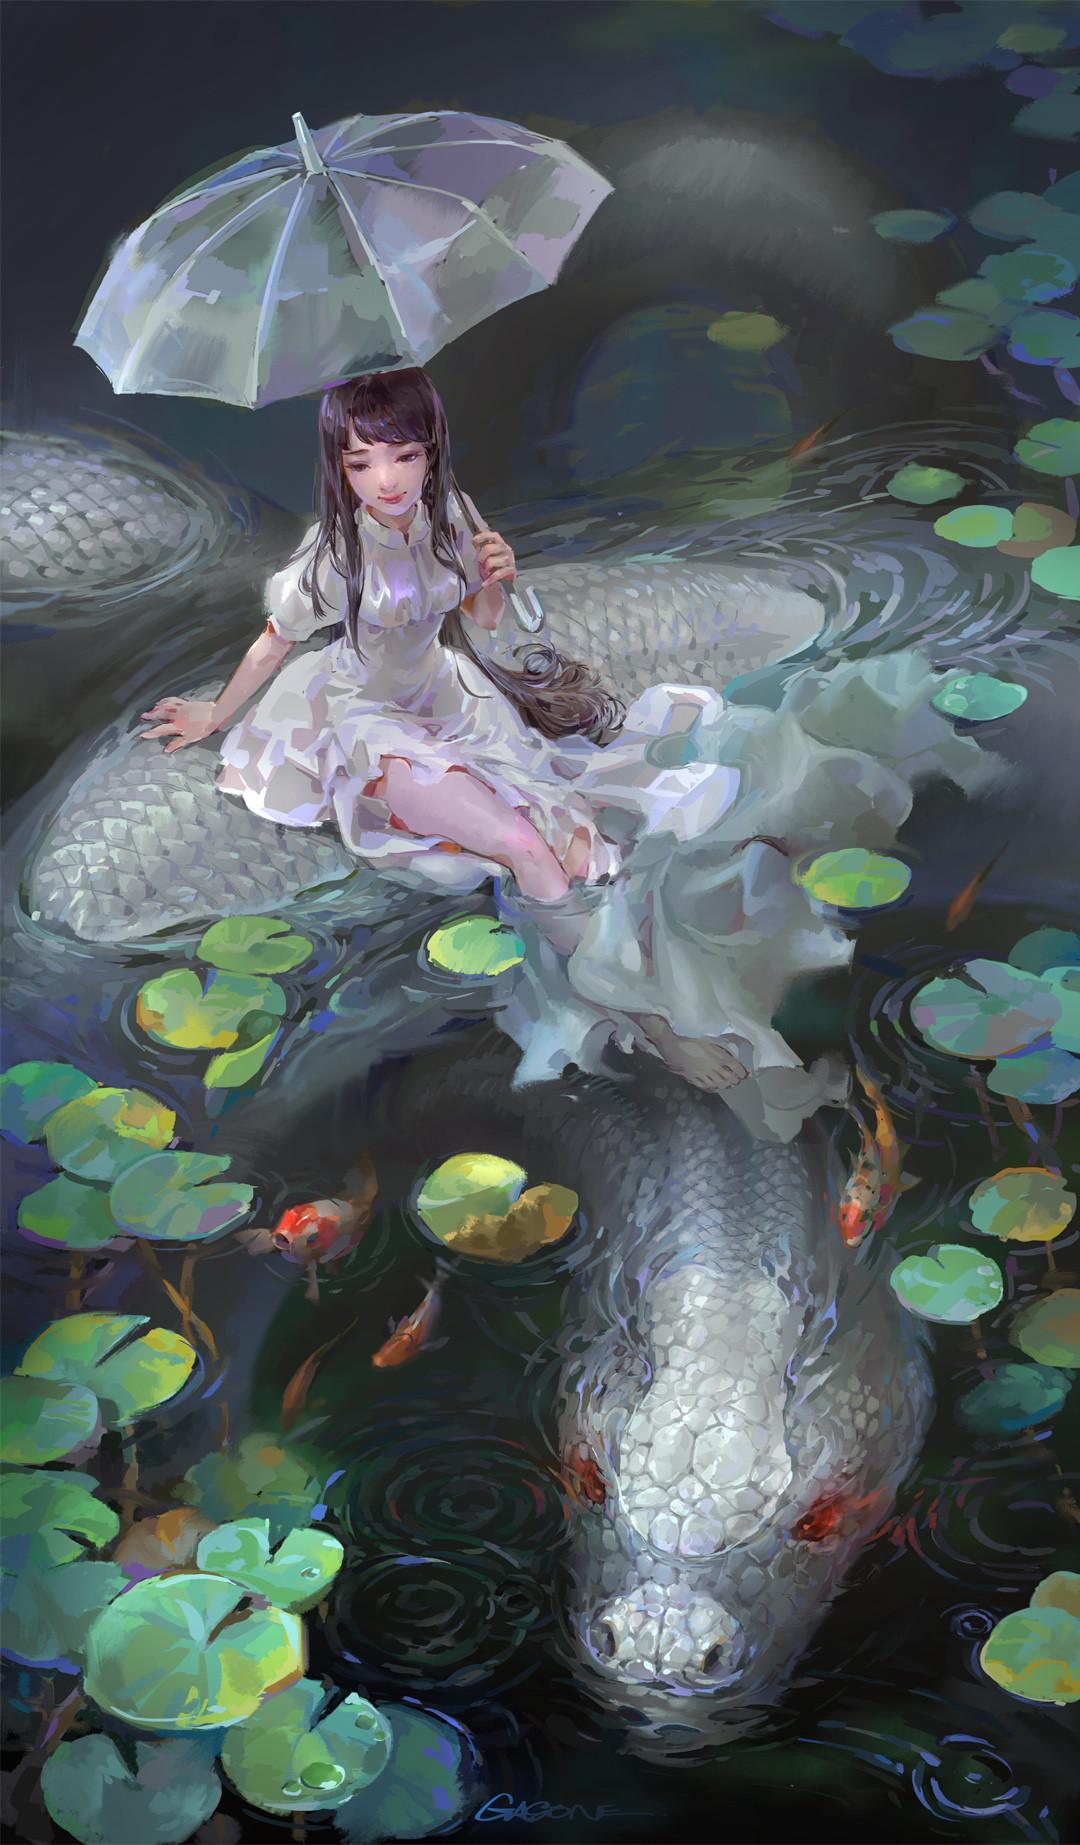 Devil Girl Anime Wallpaper Artstation The White Snake Shengyi Sun